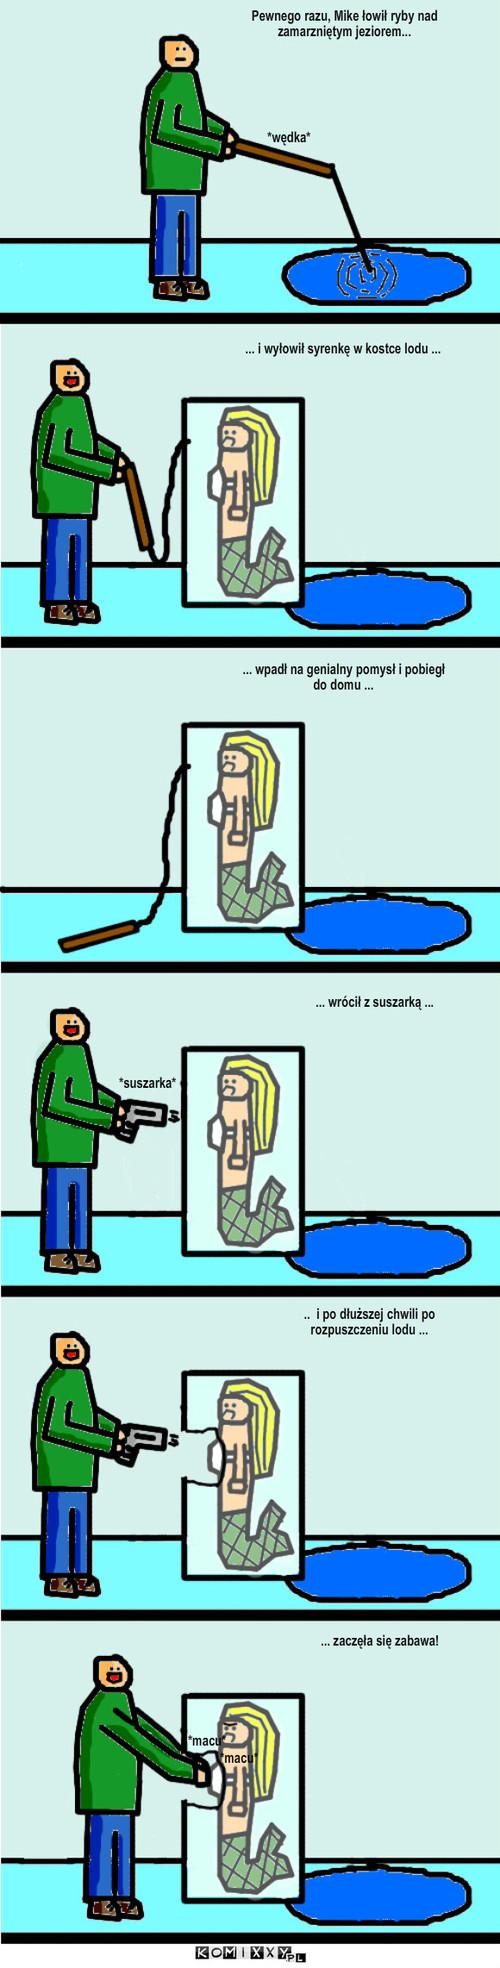 Syrenka – Pewnego razu, Mike łowił ryby nad zamarzniętym jeziorem... ... i wyłowił syrenkę w kostce lodu ... ... wpadł na genialny pomysł i pobiegł do domu ... ... wrócił z suszarką ... *suszarka* ..  i po dłuższej chwili po rozpuszczeniu lodu ... ... zaczęła się zabawa! *macu* *macu* *wędka*